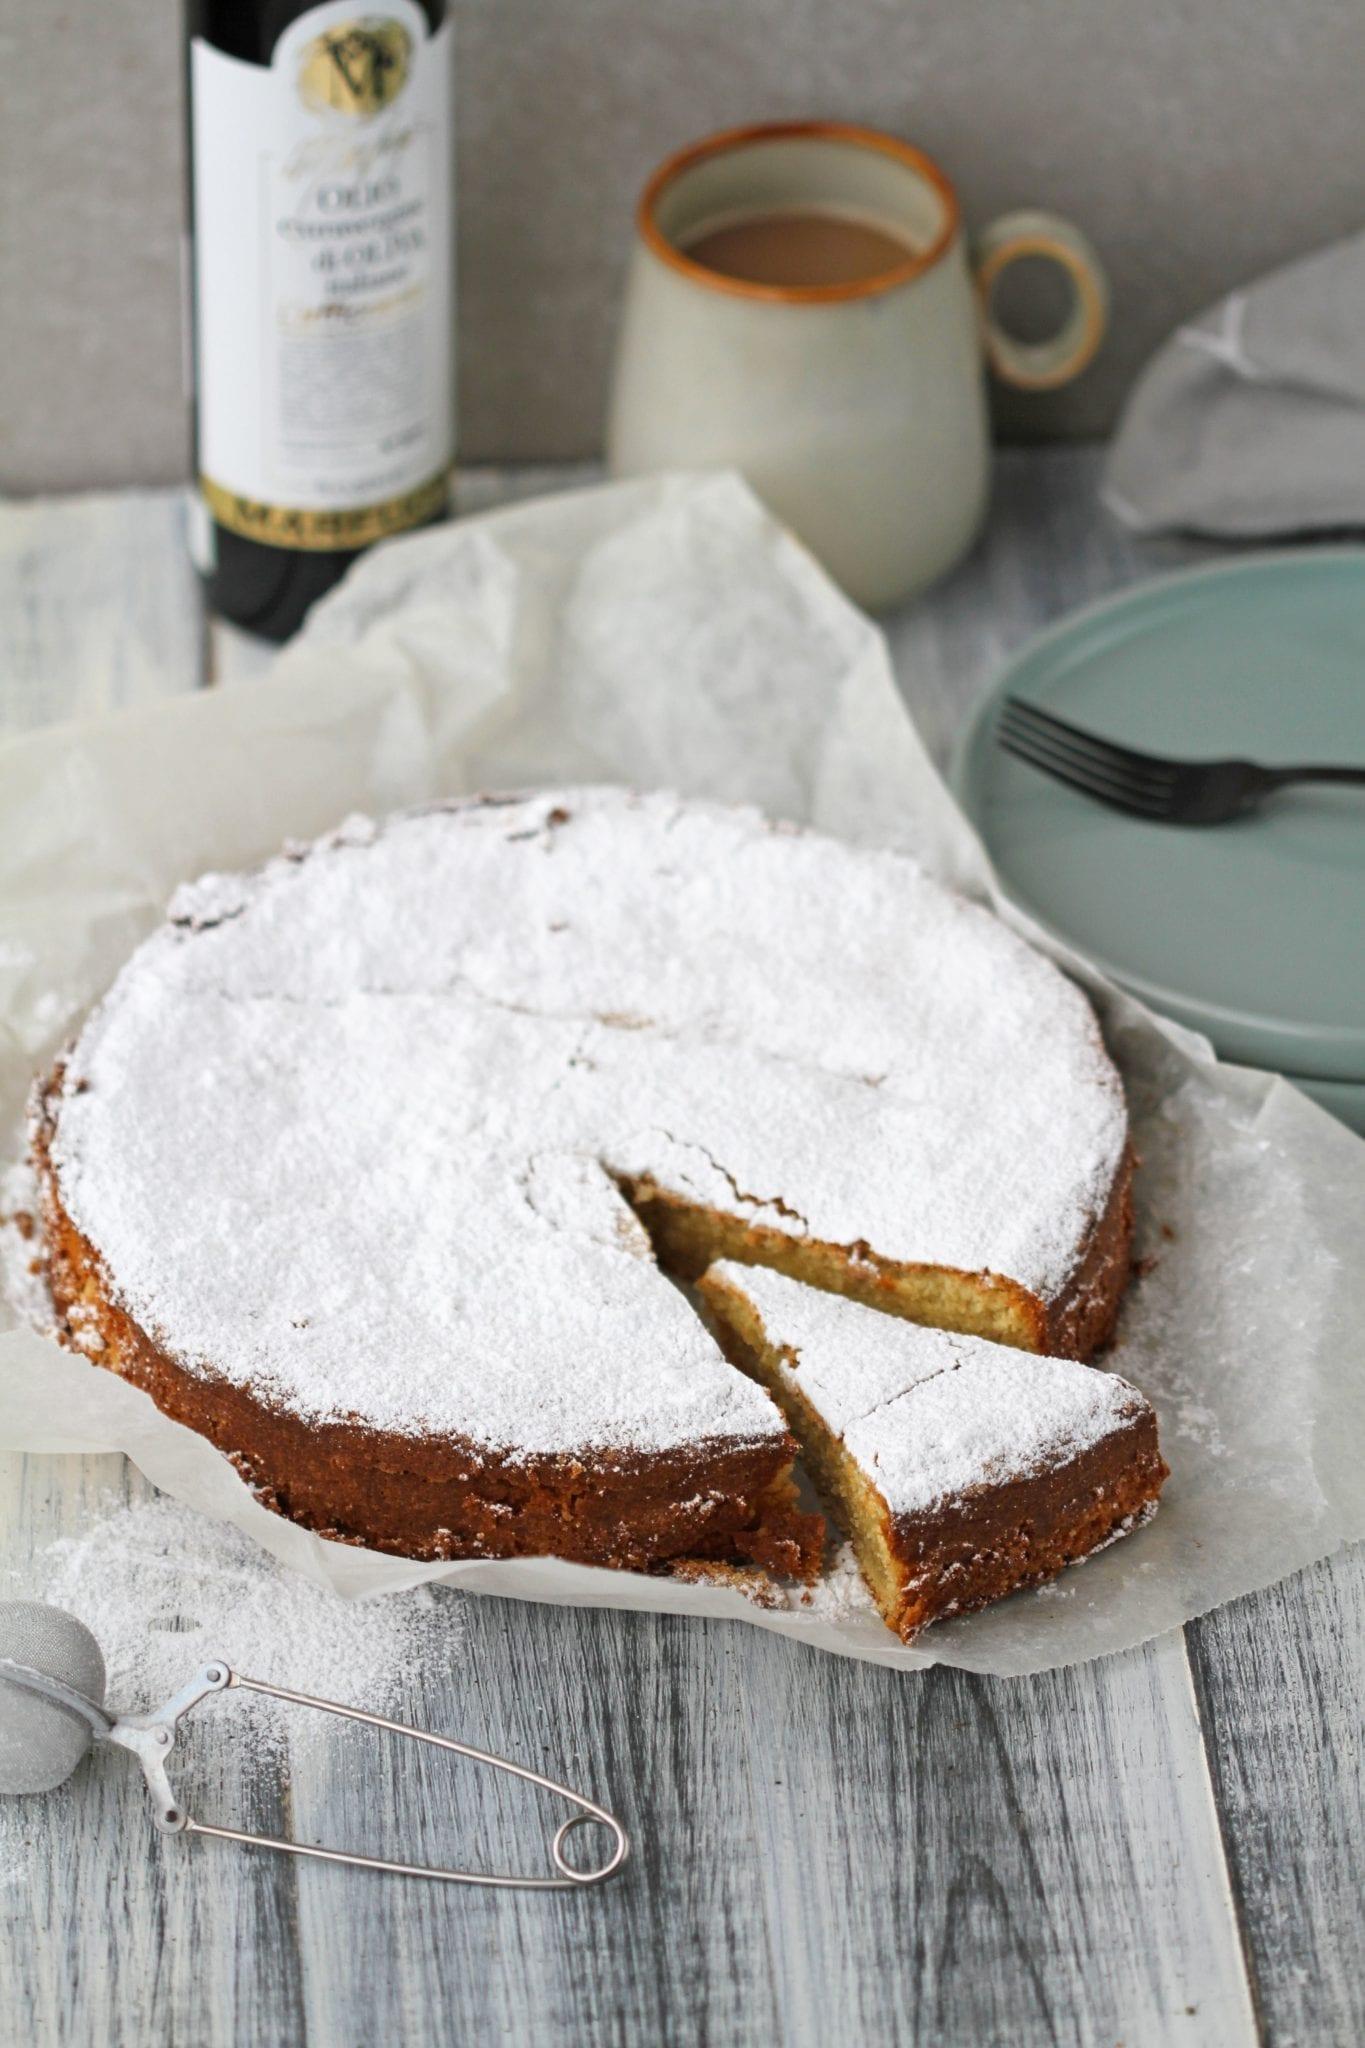 Oliven olie kage - den er den perfekte blanding af salt og sødt.